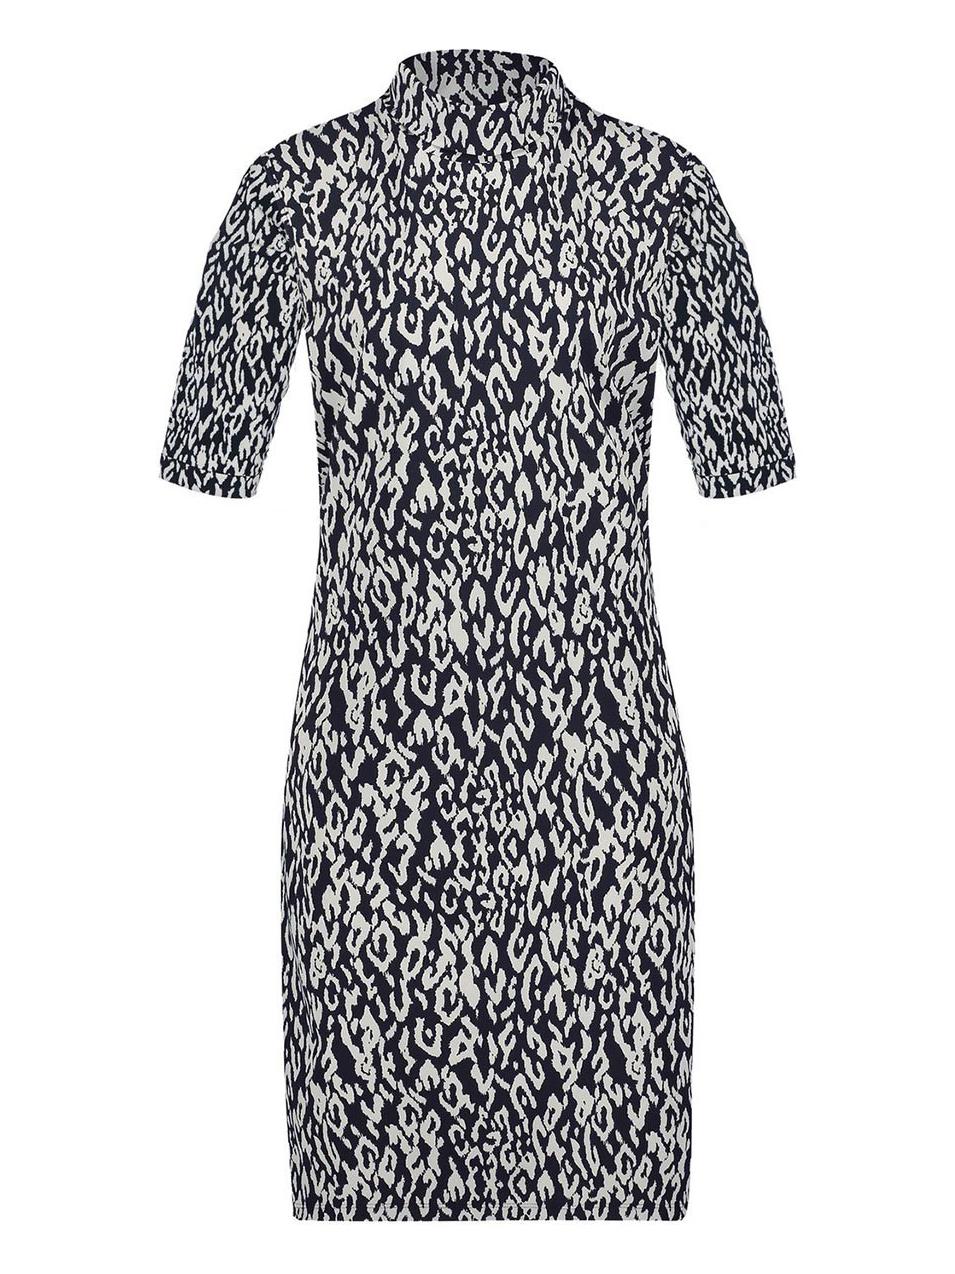 Zwart/wit geprinte dames jurk met col Penn & Ink - W19N572DM